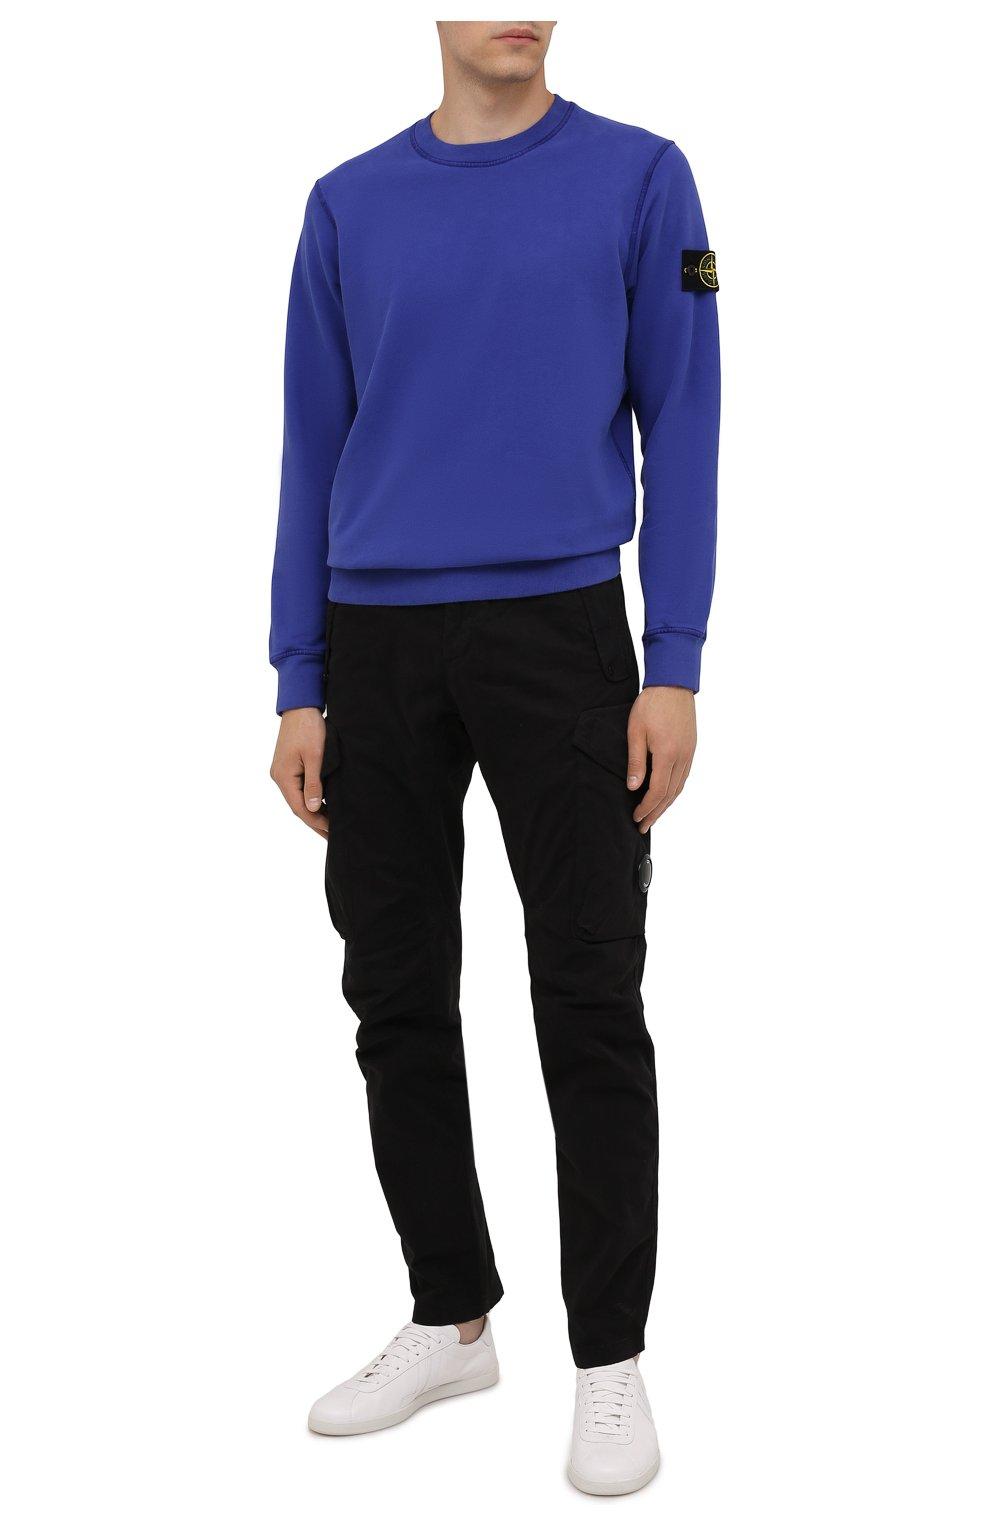 Мужской хлопковый свитшот STONE ISLAND синего цвета, арт. 751563020   Фото 2 (Рукава: Длинные; Принт: Без принта; Длина (для топов): Стандартные; Мужское Кросс-КТ: свитшот-одежда; Материал внешний: Хлопок; Стили: Кэжуэл)